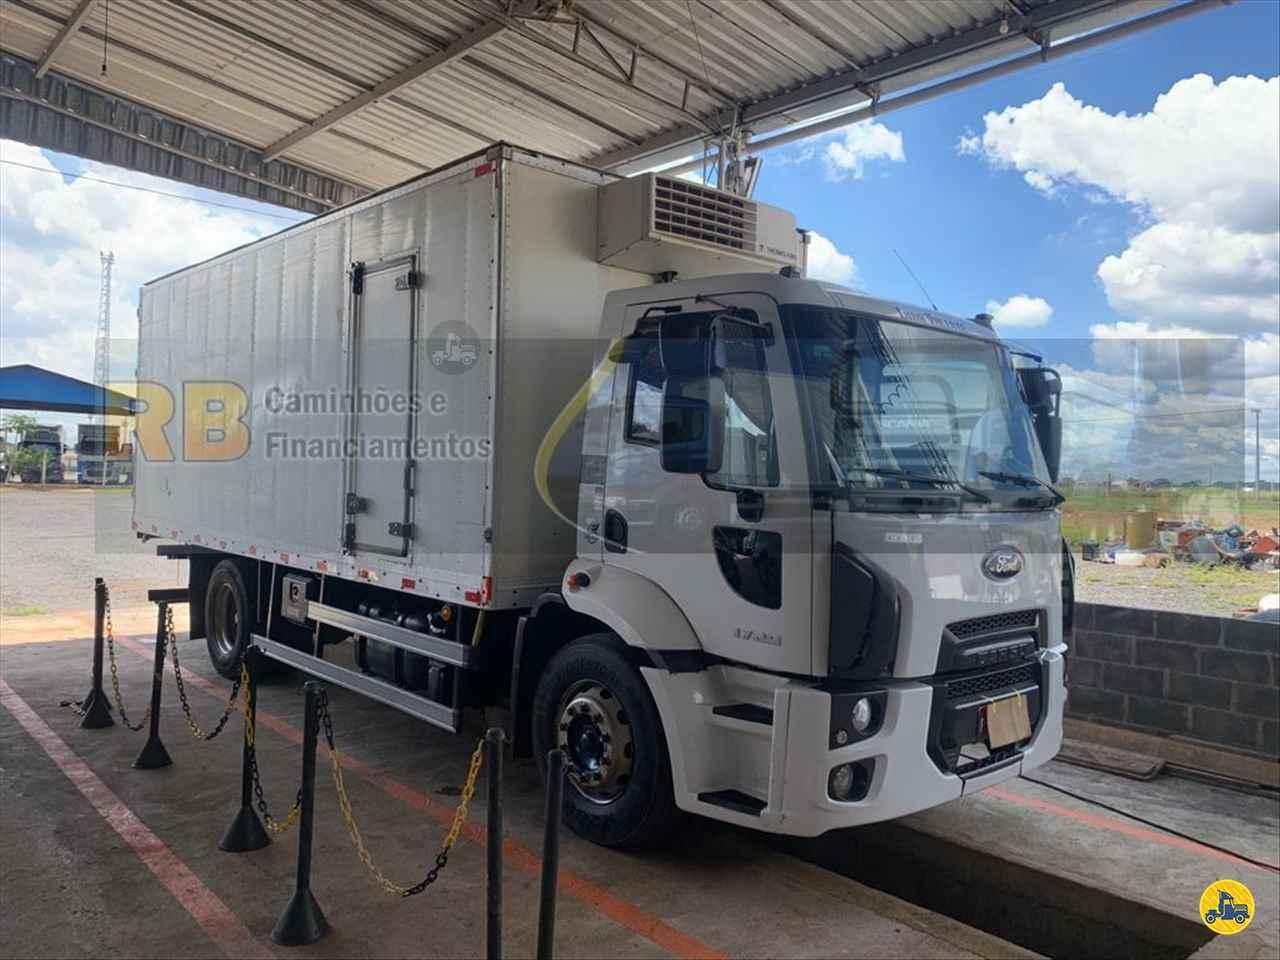 CAMINHAO FORD CARGO 1729 Baú Frigorífico Toco 4x2 RB Caminhões & Financiamentos ARAGUARI MINAS GERAIS MG